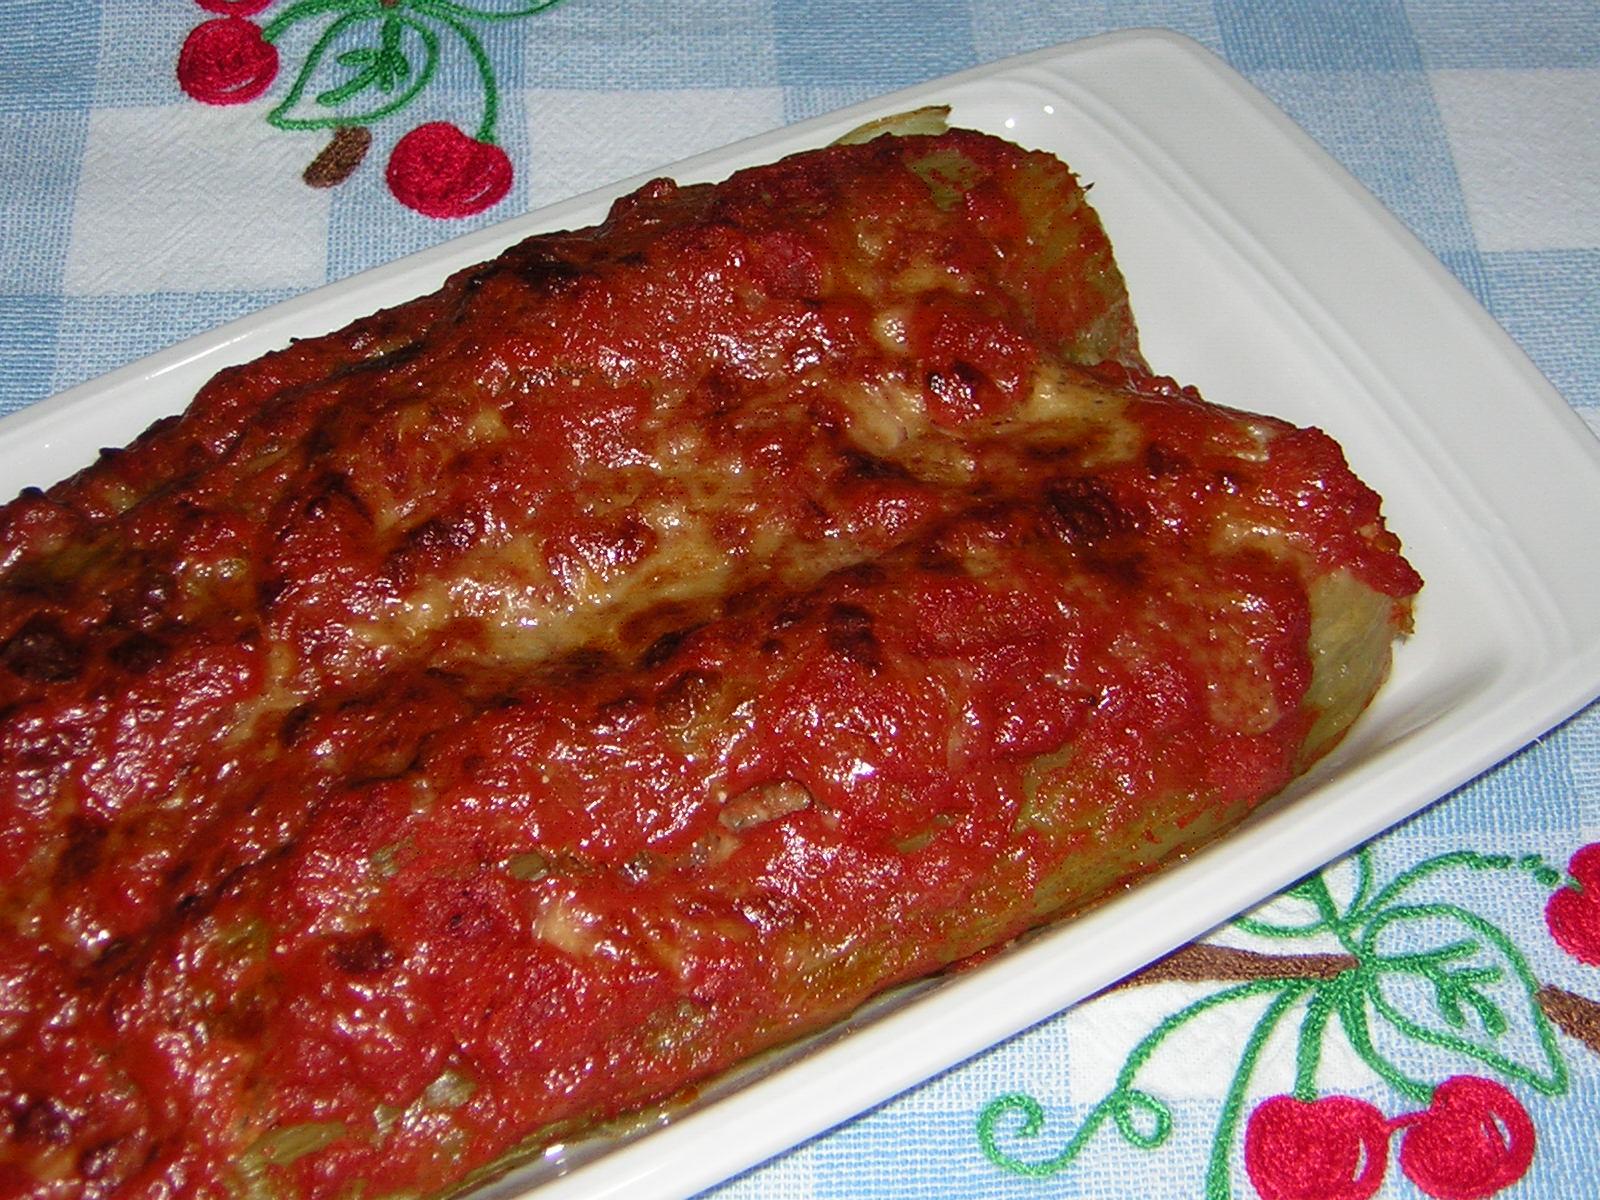 Il sedano ripieno ¨ un piatto tanto antico quanto insolito Io ho iniziato a cucinarlo qualche tempo fa con una ricetta che mi ha dato una mia cara amica